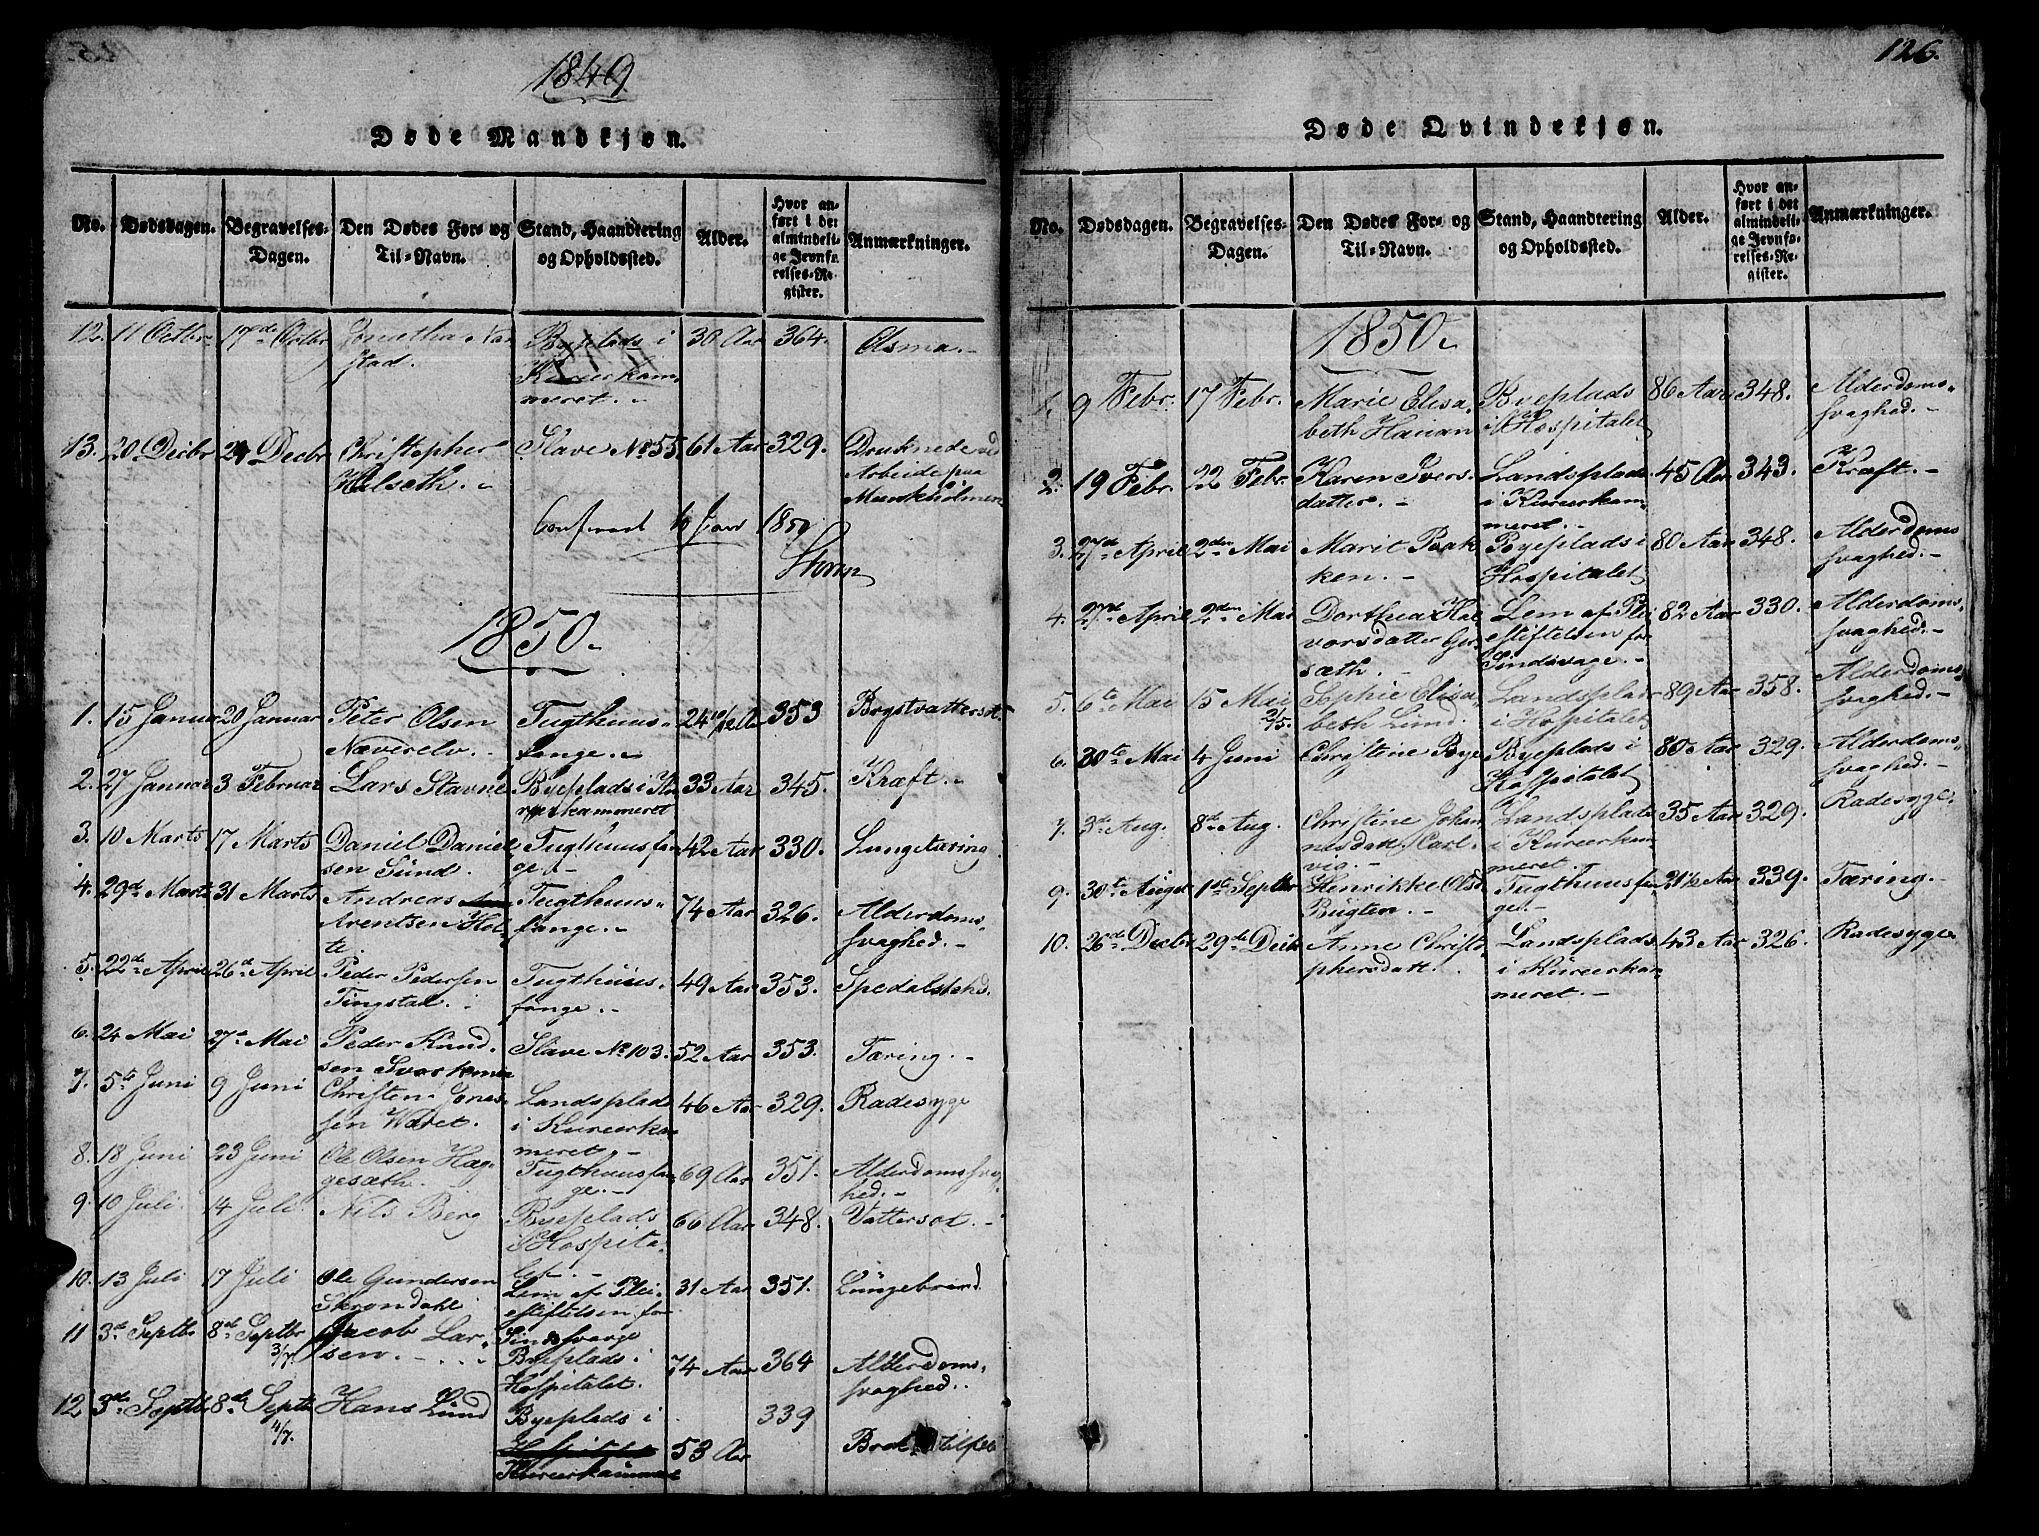 SAT, Ministerialprotokoller, klokkerbøker og fødselsregistre - Sør-Trøndelag, 623/L0478: Klokkerbok nr. 623C01, 1815-1873, s. 126